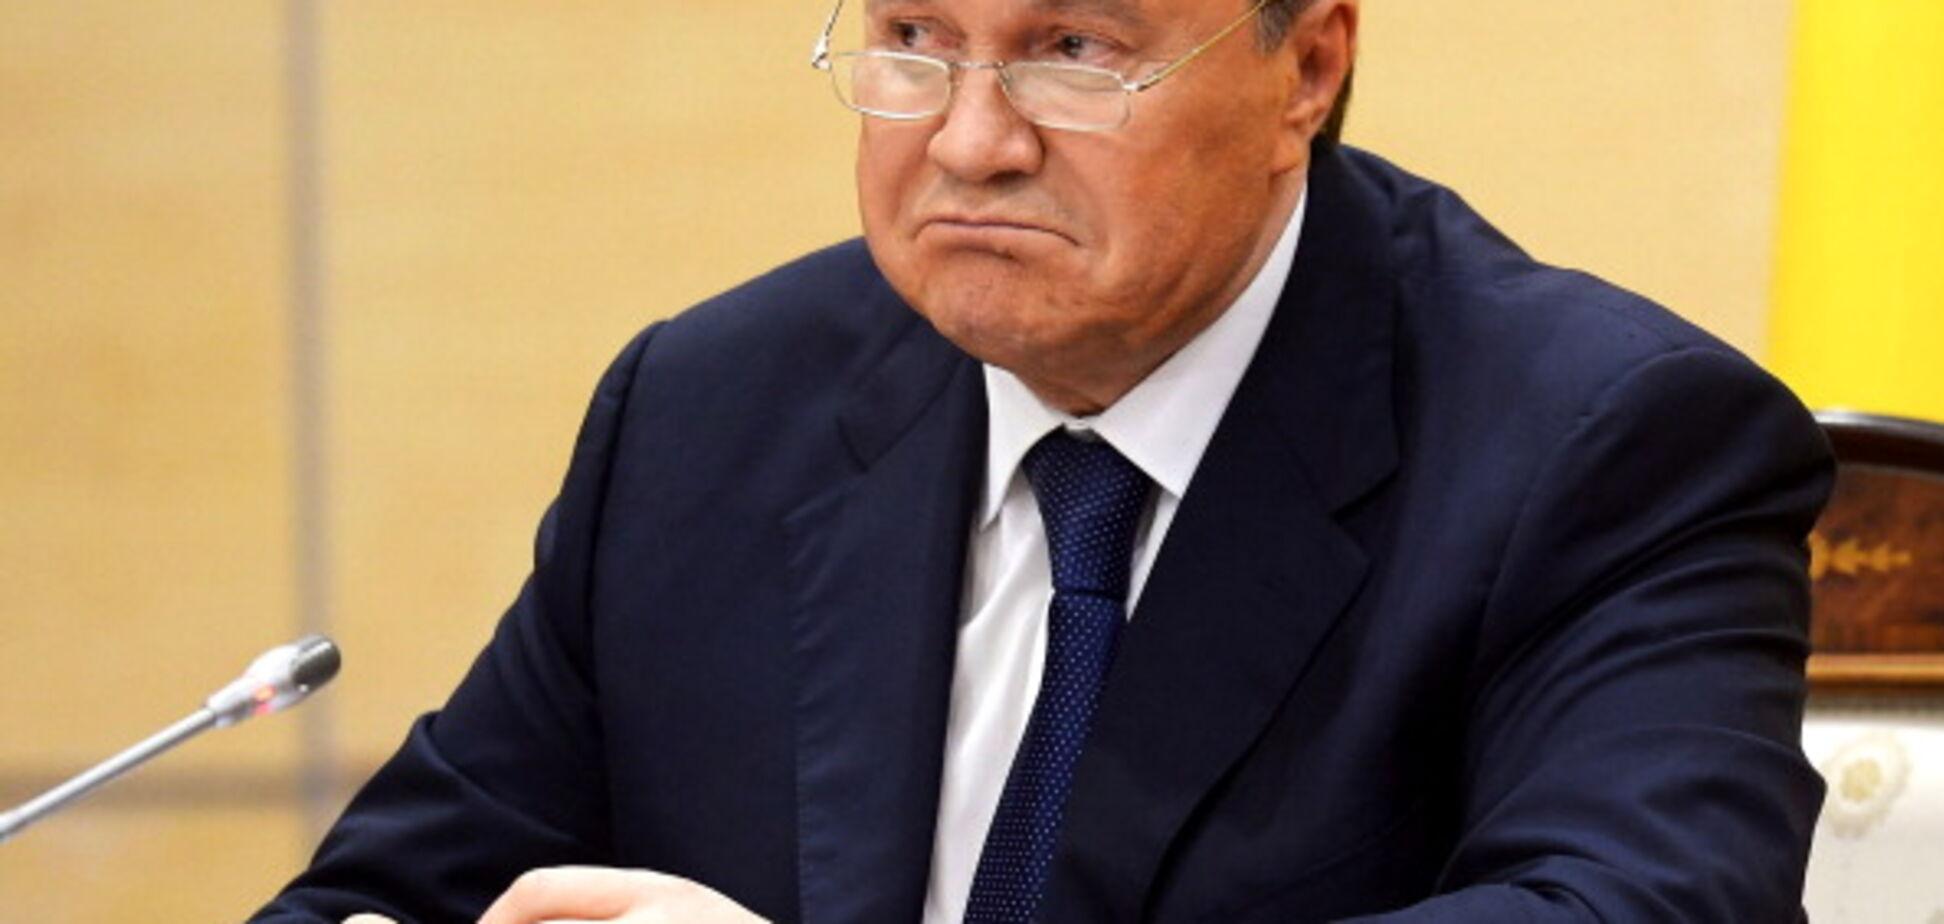 У Європі заарештували понад півтонни золота, вкраденого Януковичем і Ко